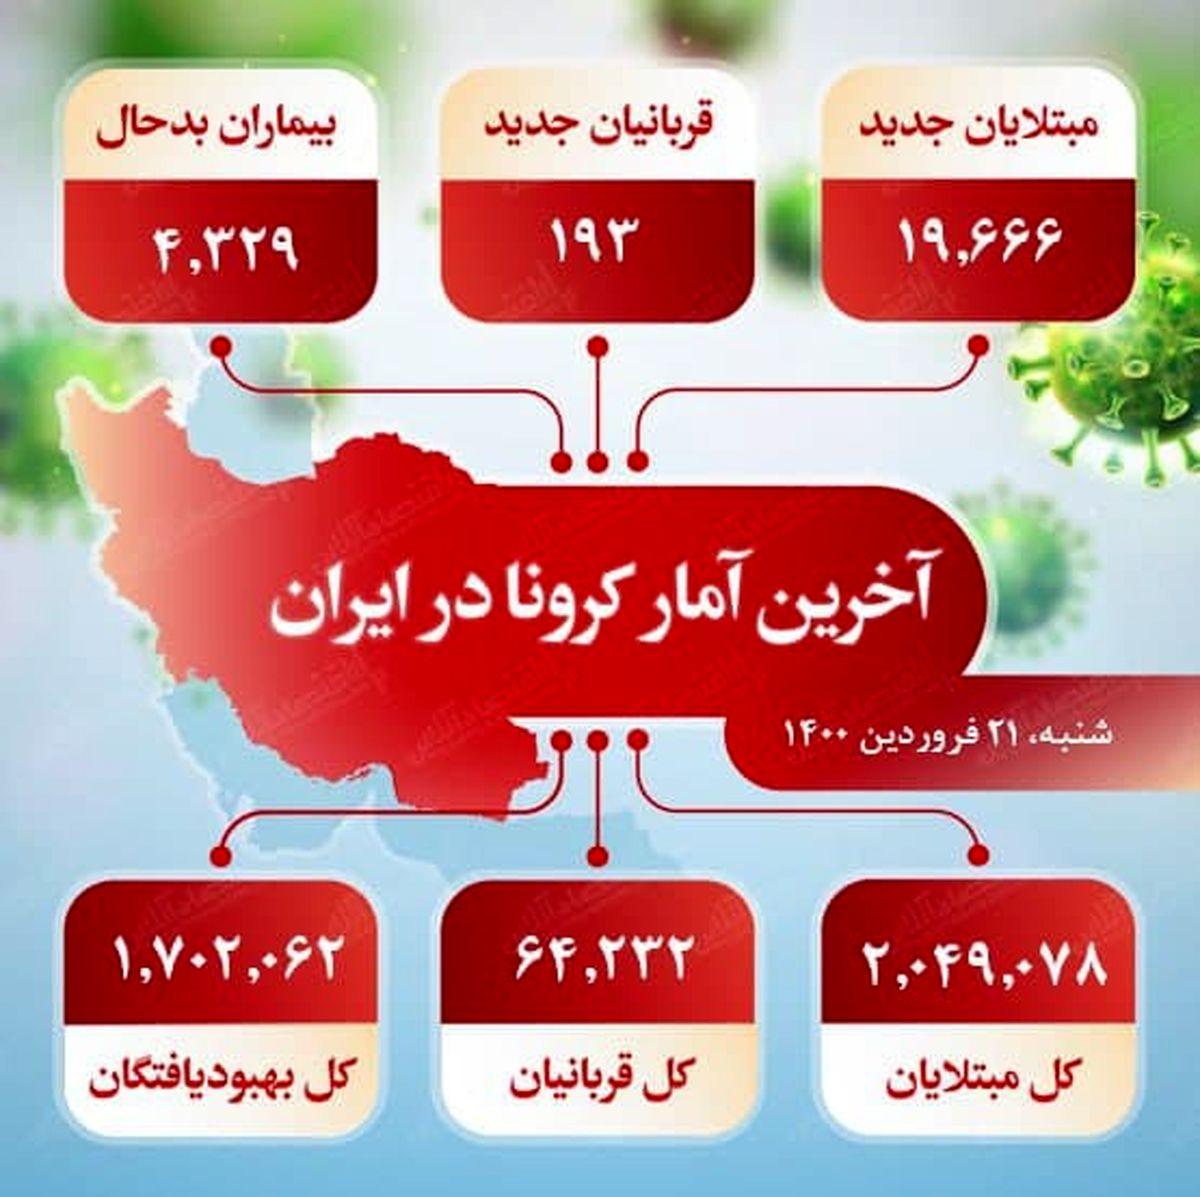 آخرین آمار کرونا در ایران (۱۴۰۰/۱/۲۱)